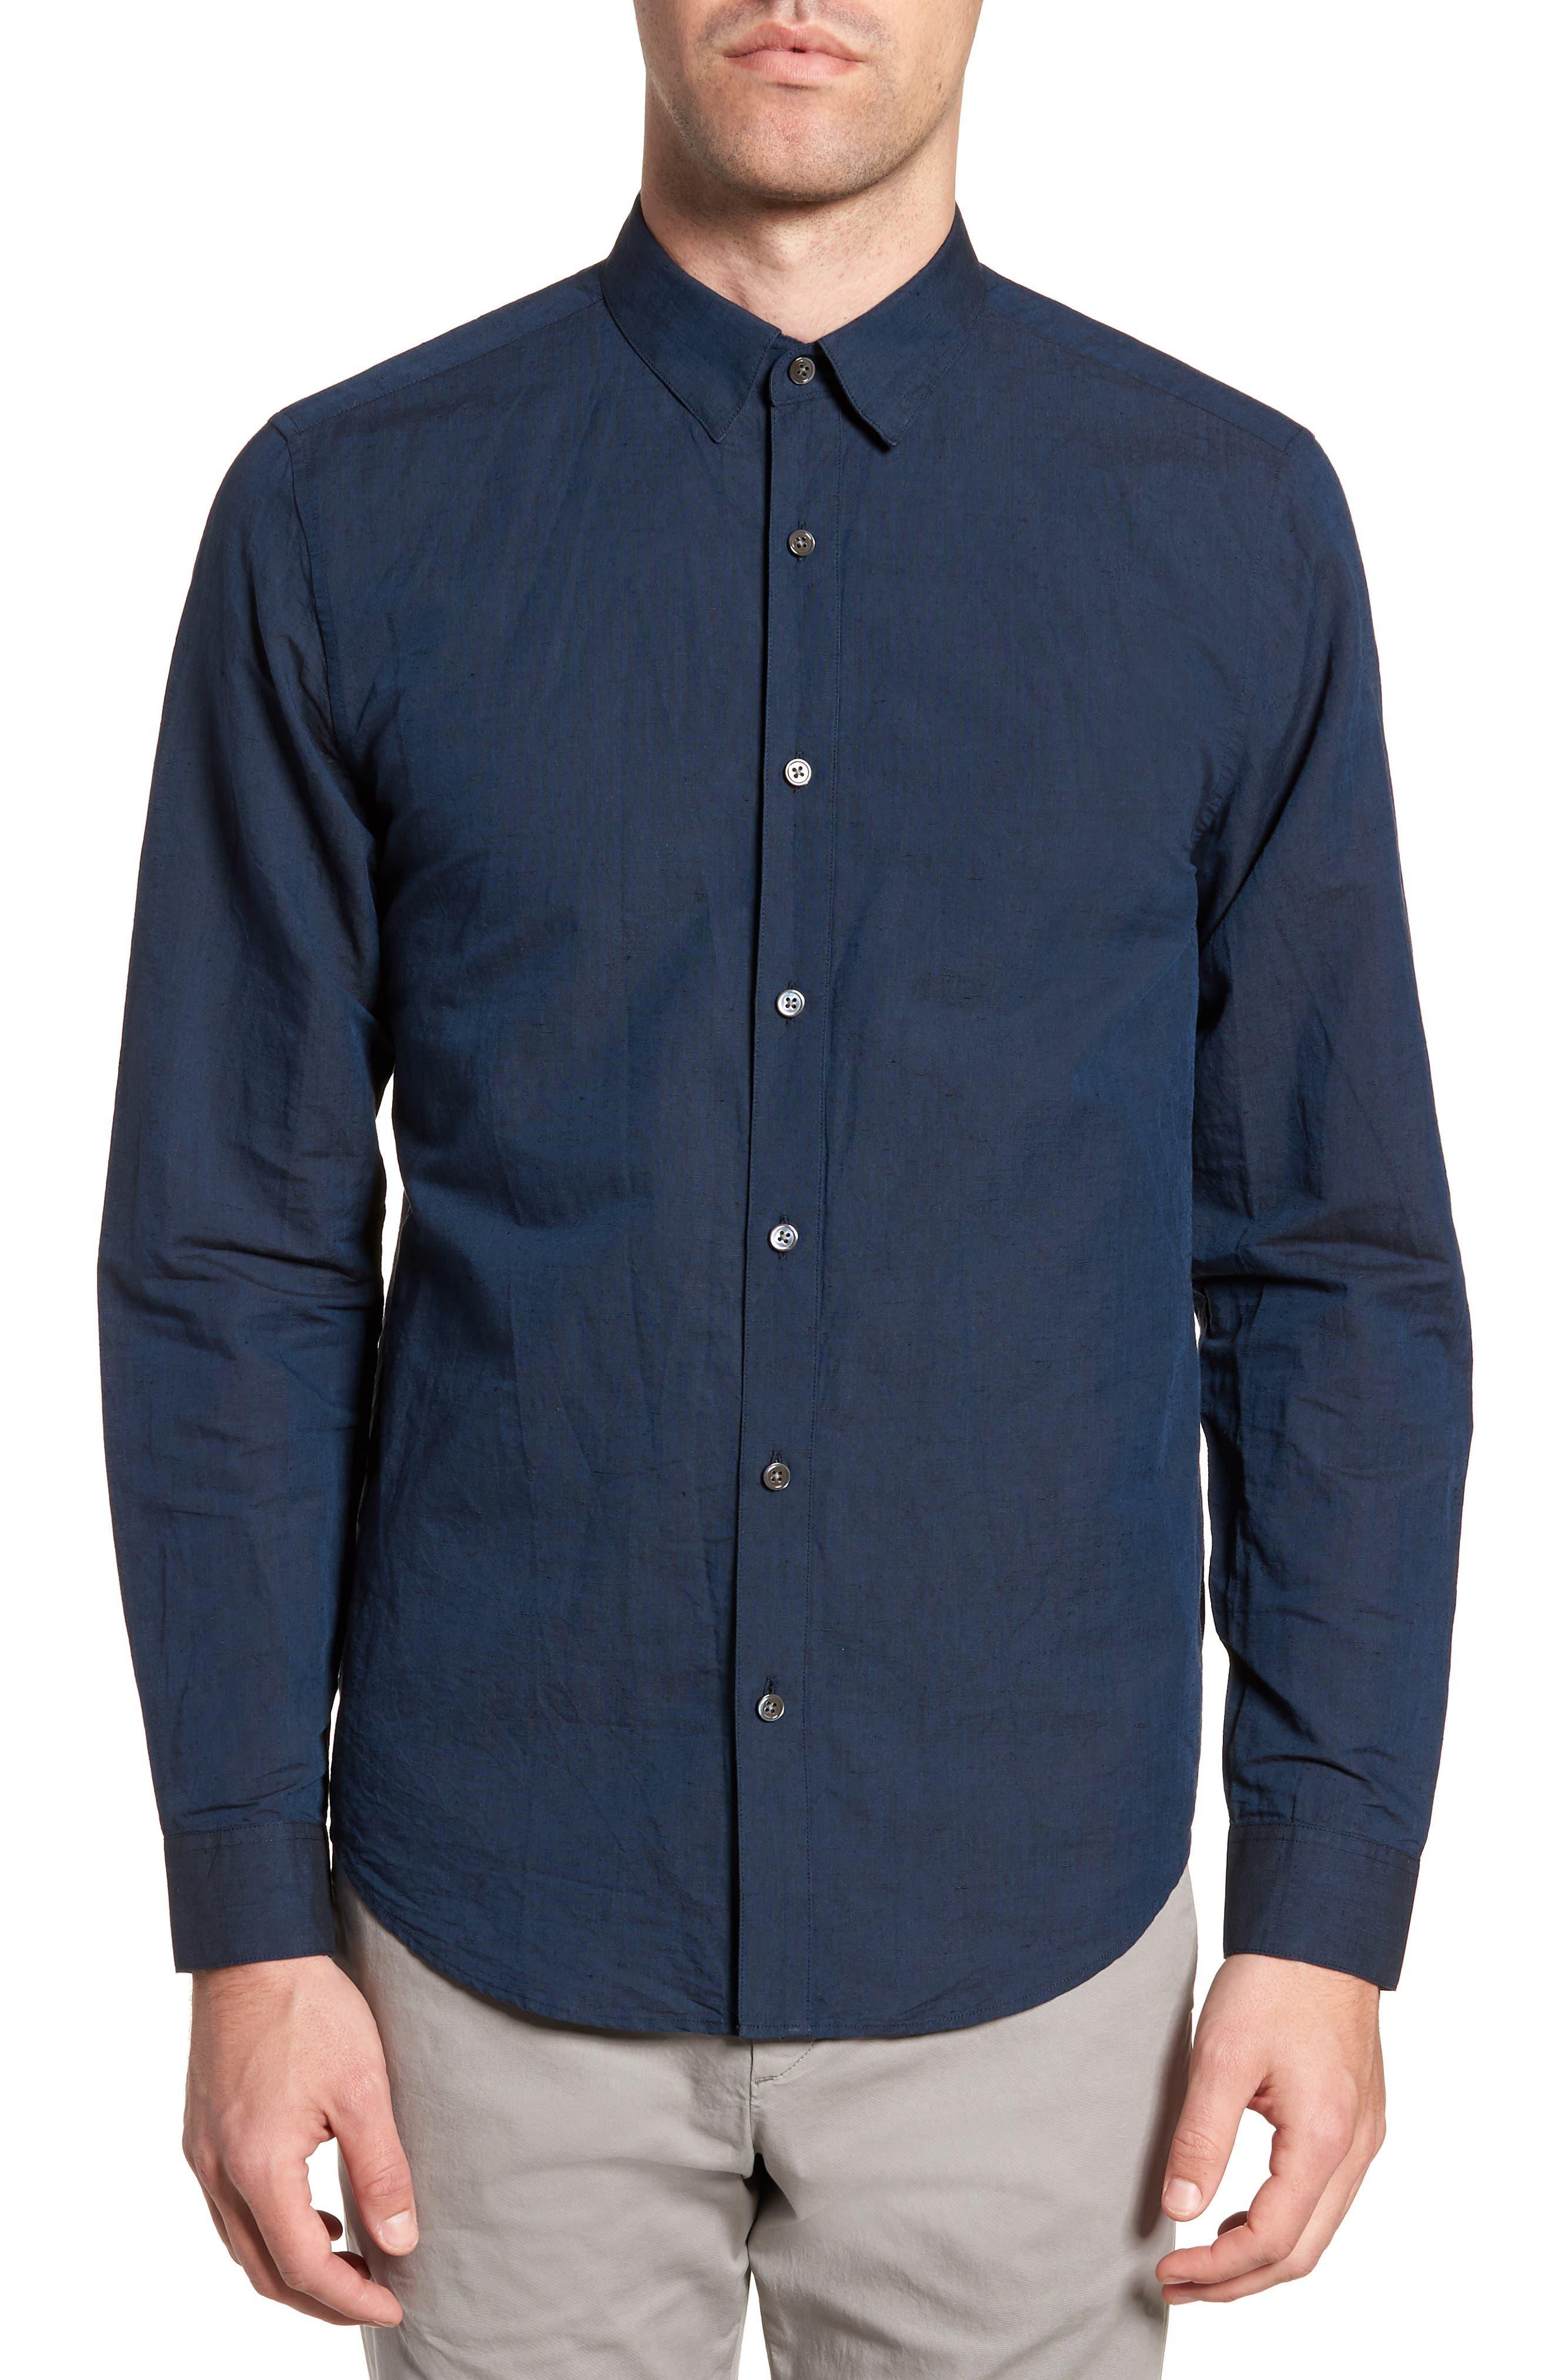 Edward Regular Fit Linen & Cotton Sport Shirt,                         Main,                         color, Finch